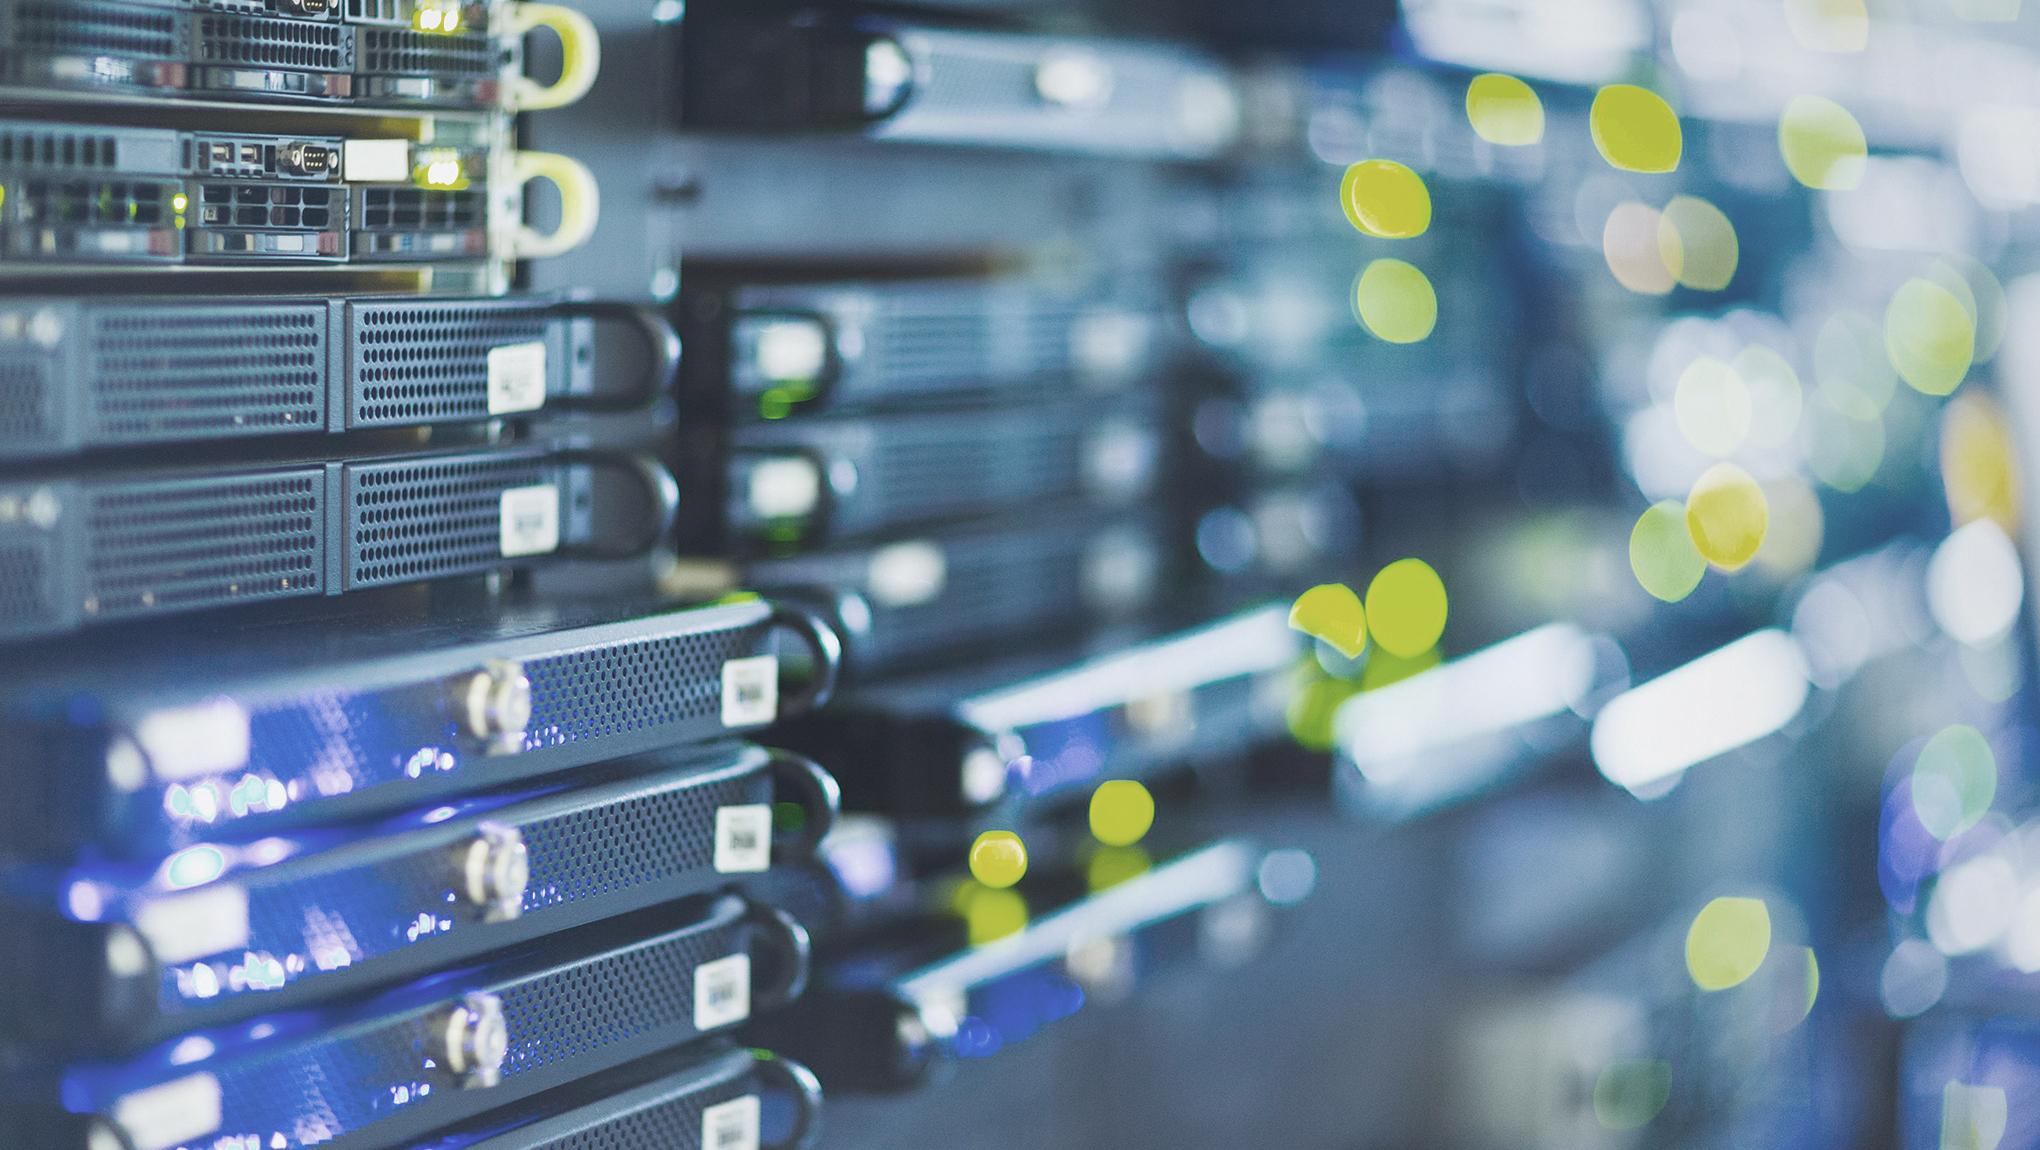 Bando di gara per Incarico per la fornitura tecnica per il consolidamento dell'infrastruttura IT